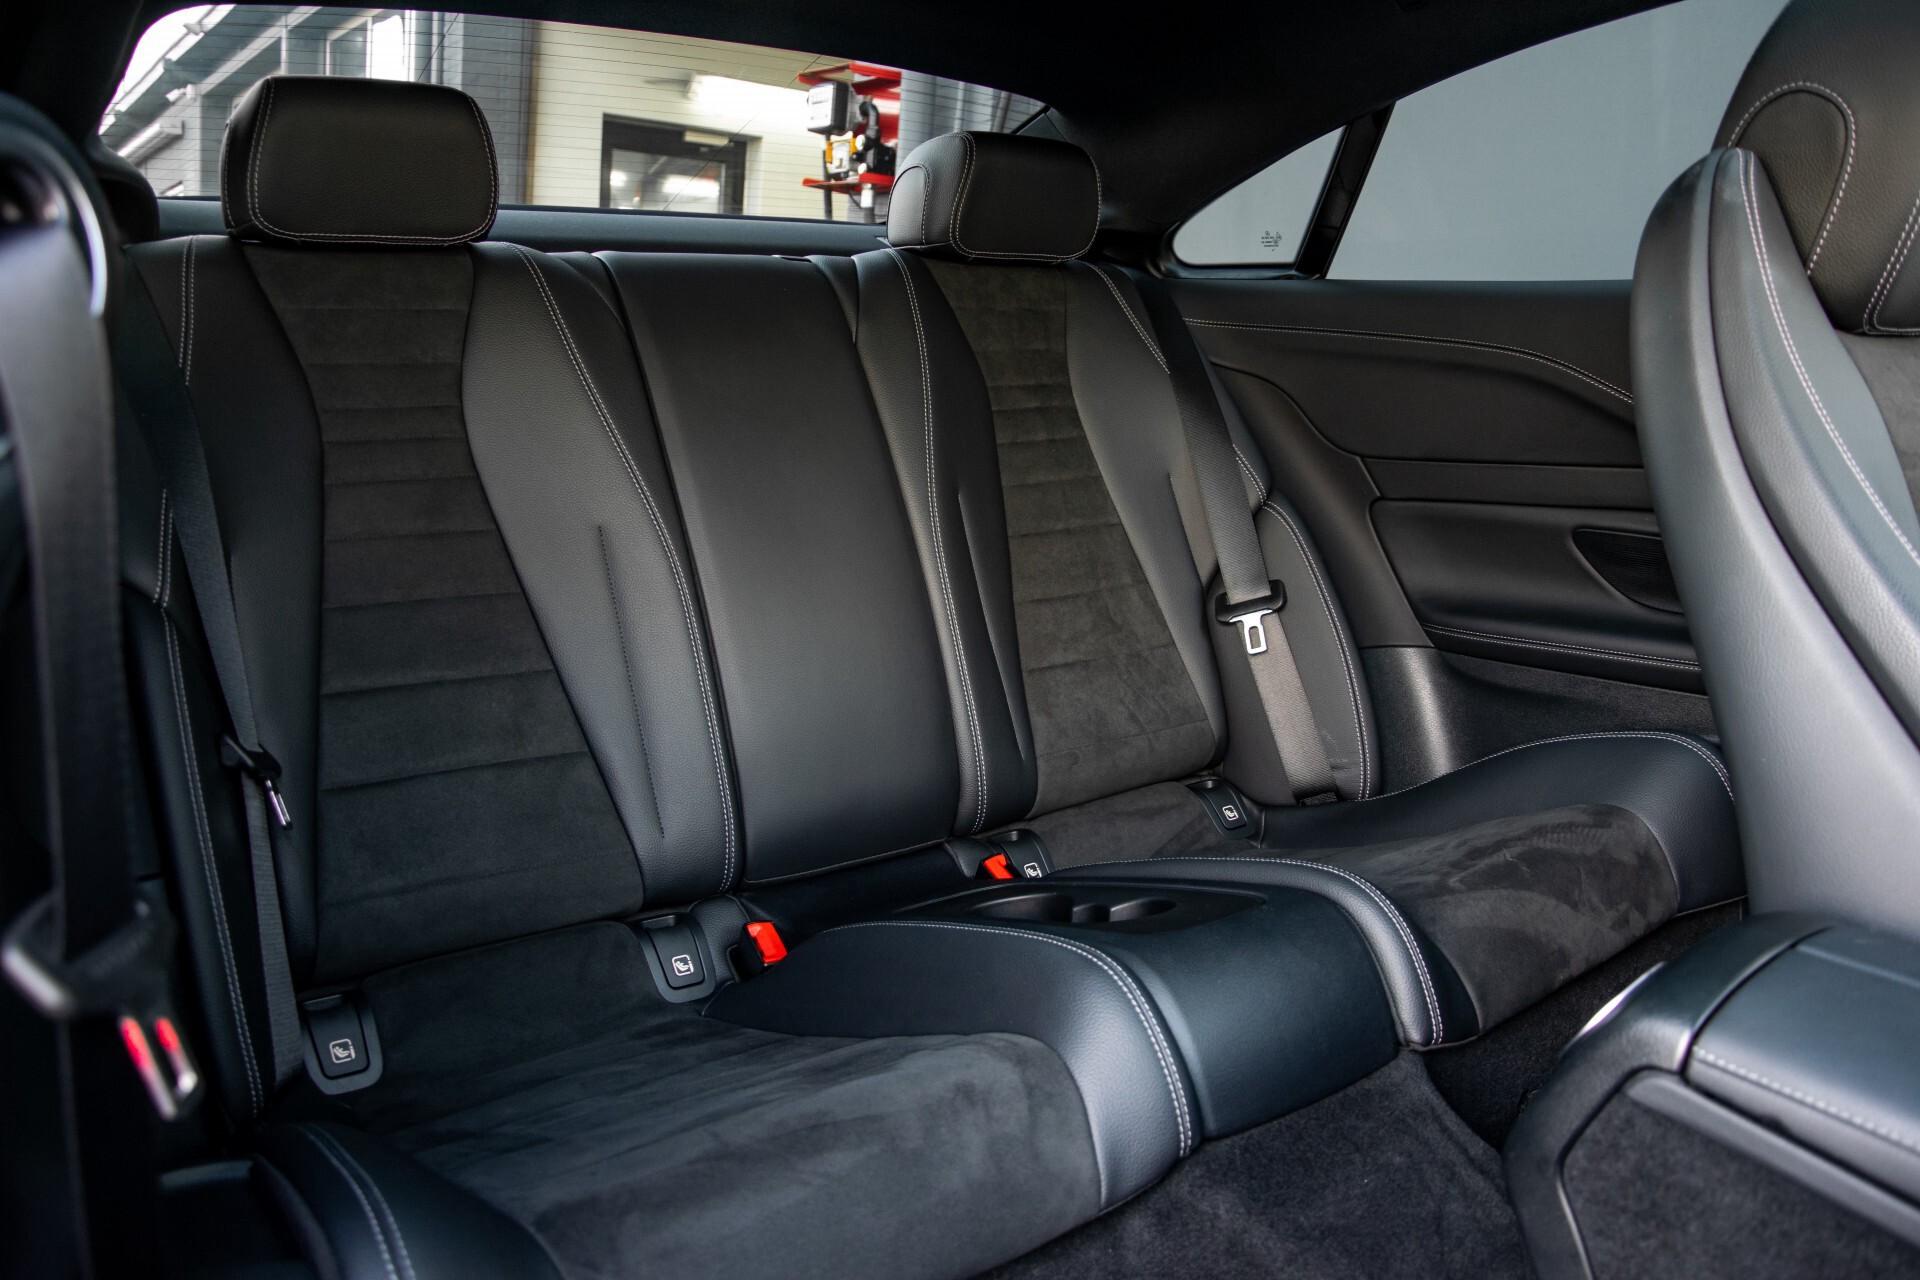 Mercedes-Benz E-Klasse Coupé 200 AMG Panorama/Night/Carbon/Premium/Widescreen/ILS Aut9 Foto 4